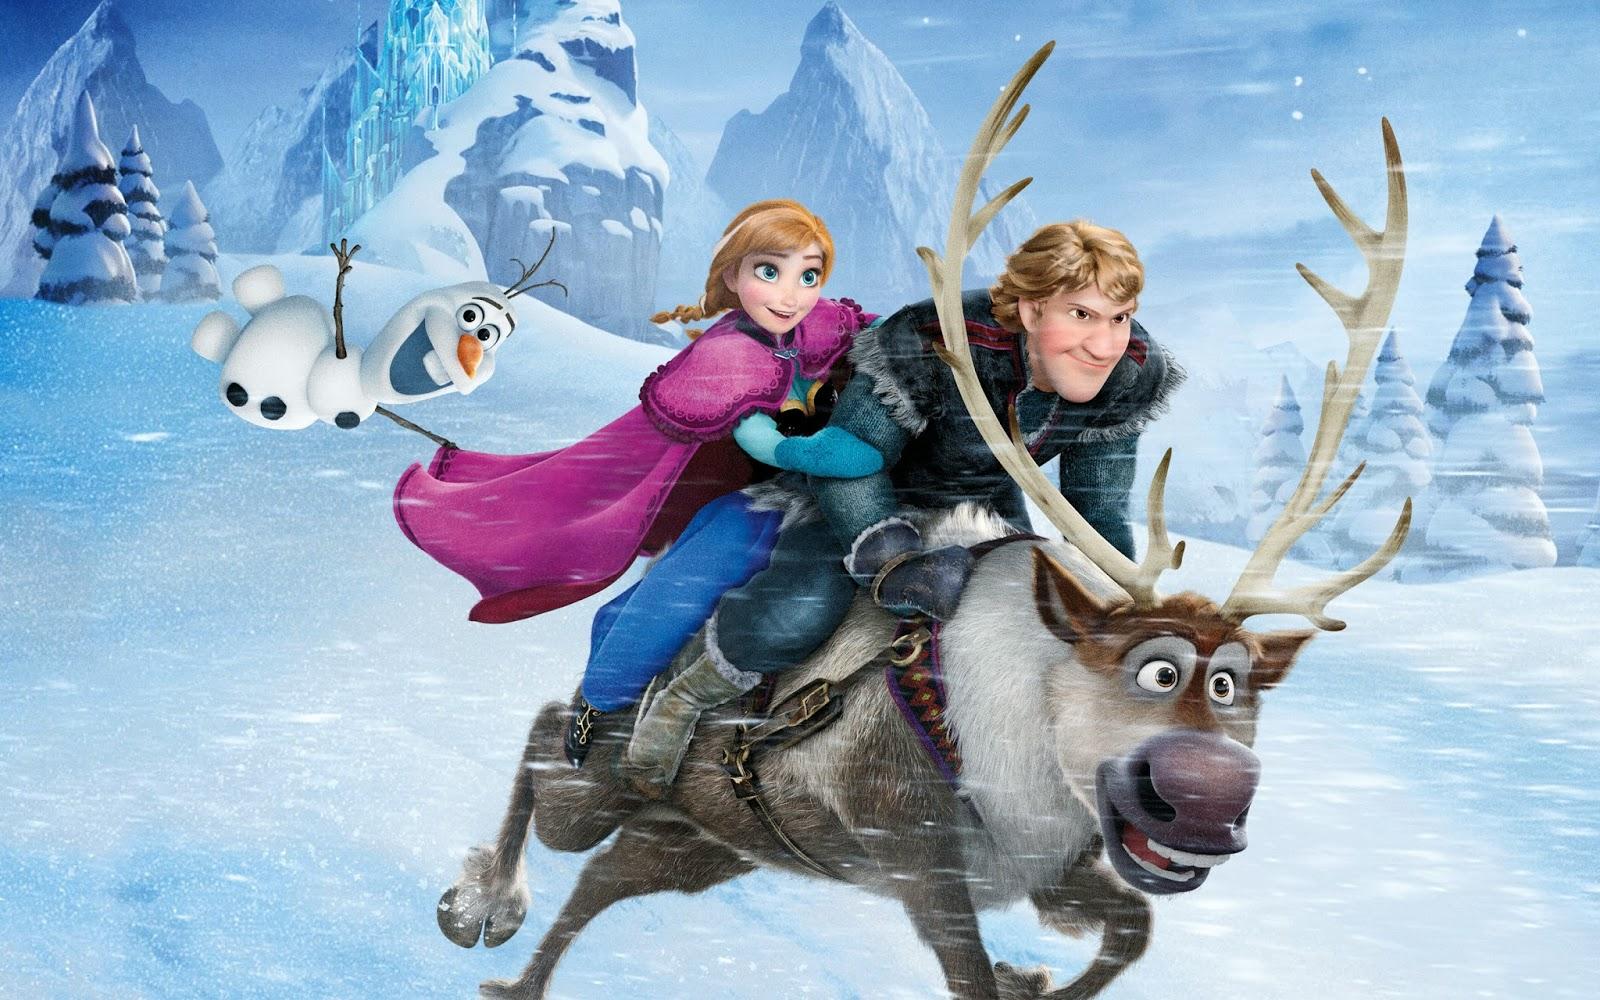 frozen 3d wallpaper,reindeer,animated cartoon,deer,animation,winter